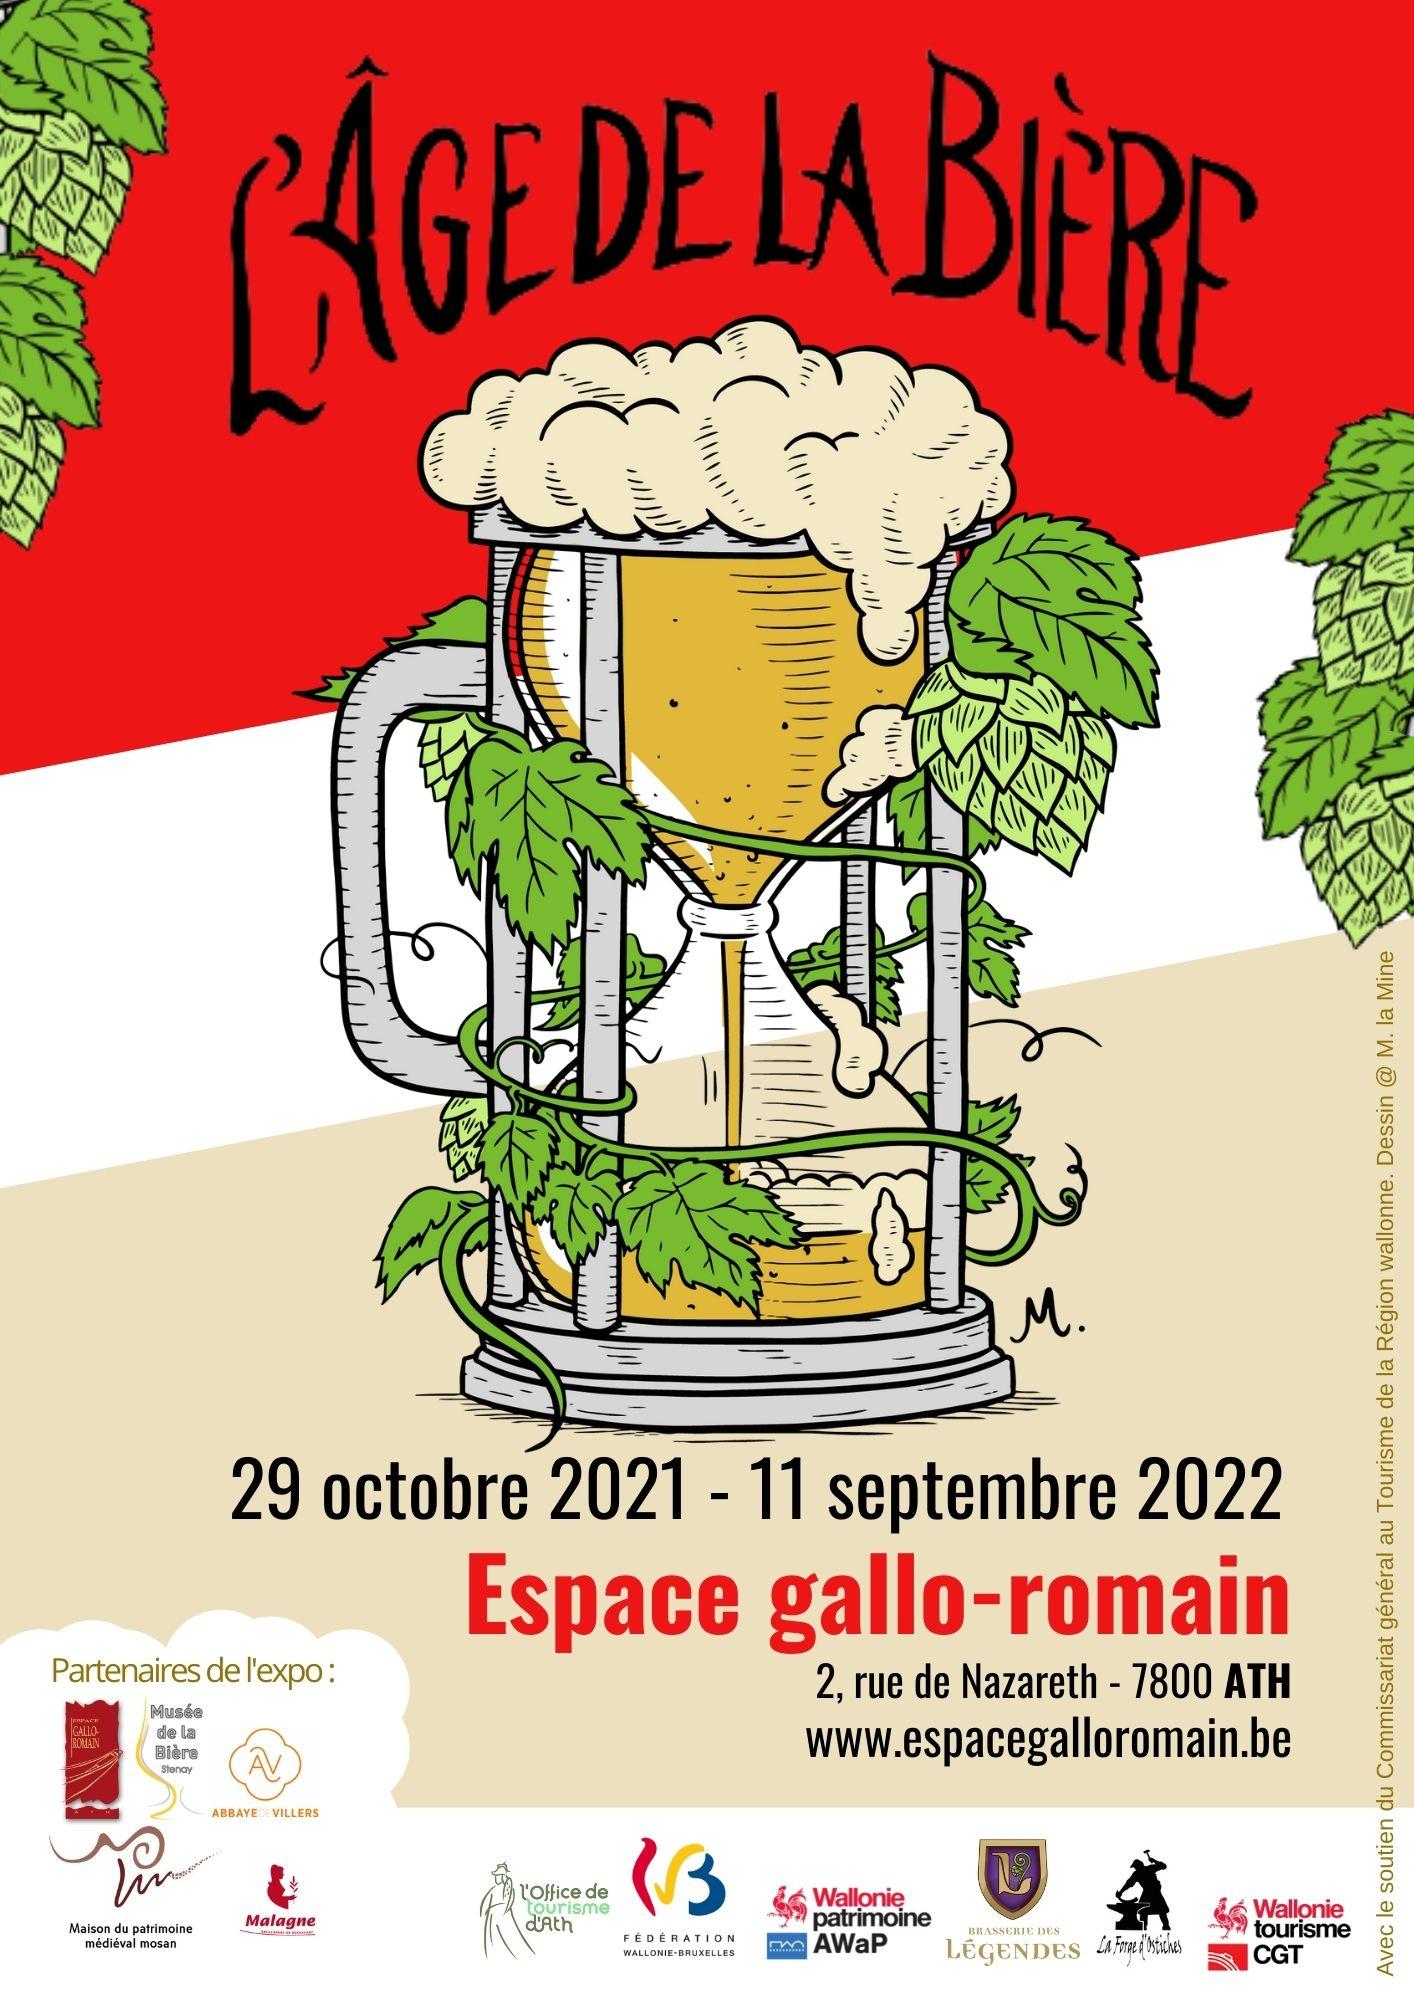 Exposition Age de la Bière, affiche